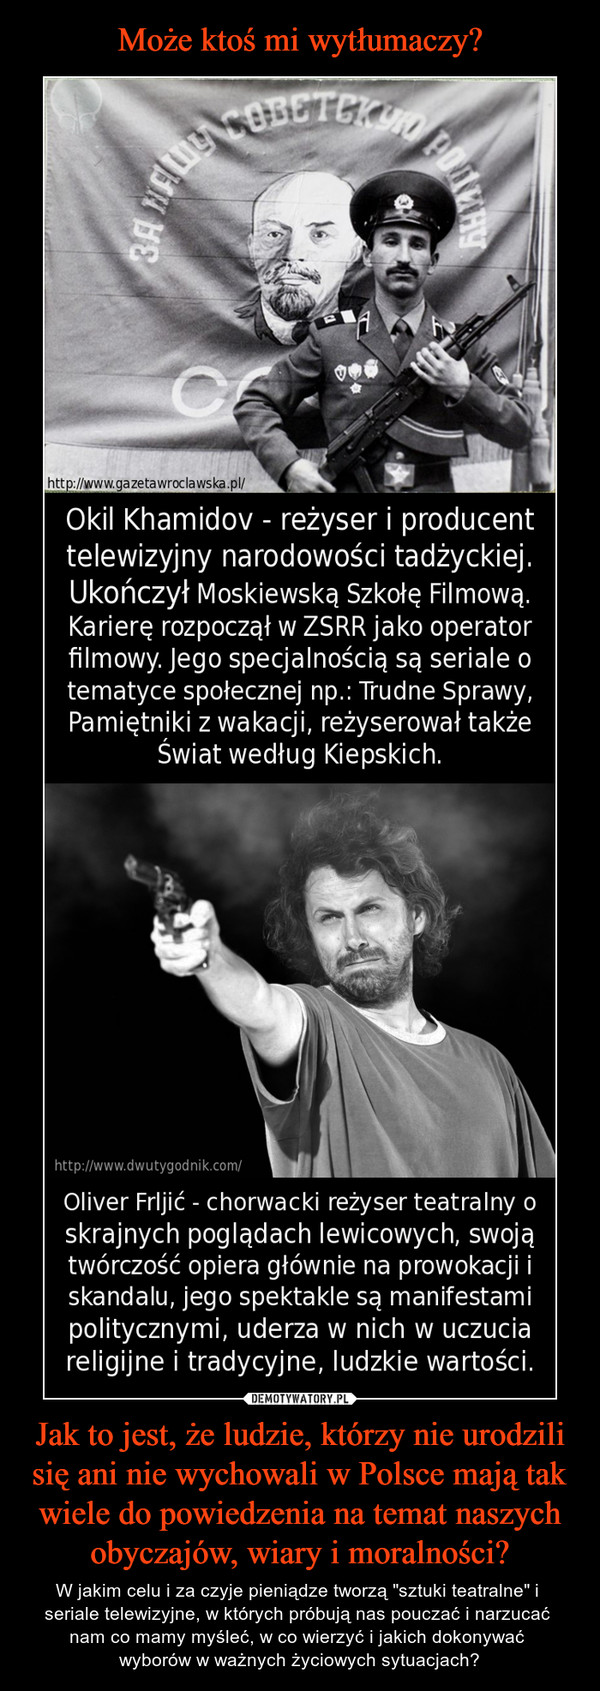 """Jak to jest, że ludzie, którzy nie urodzili się ani nie wychowali w Polsce mają tak wiele do powiedzenia na temat naszych obyczajów, wiary i moralności? – W jakim celu i za czyje pieniądze tworzą """"sztuki teatralne"""" i seriale telewizyjne, w których próbują nas pouczać i narzucać nam co mamy myśleć, w co wierzyć i jakich dokonywać wyborów w ważnych życiowych sytuacjach?"""